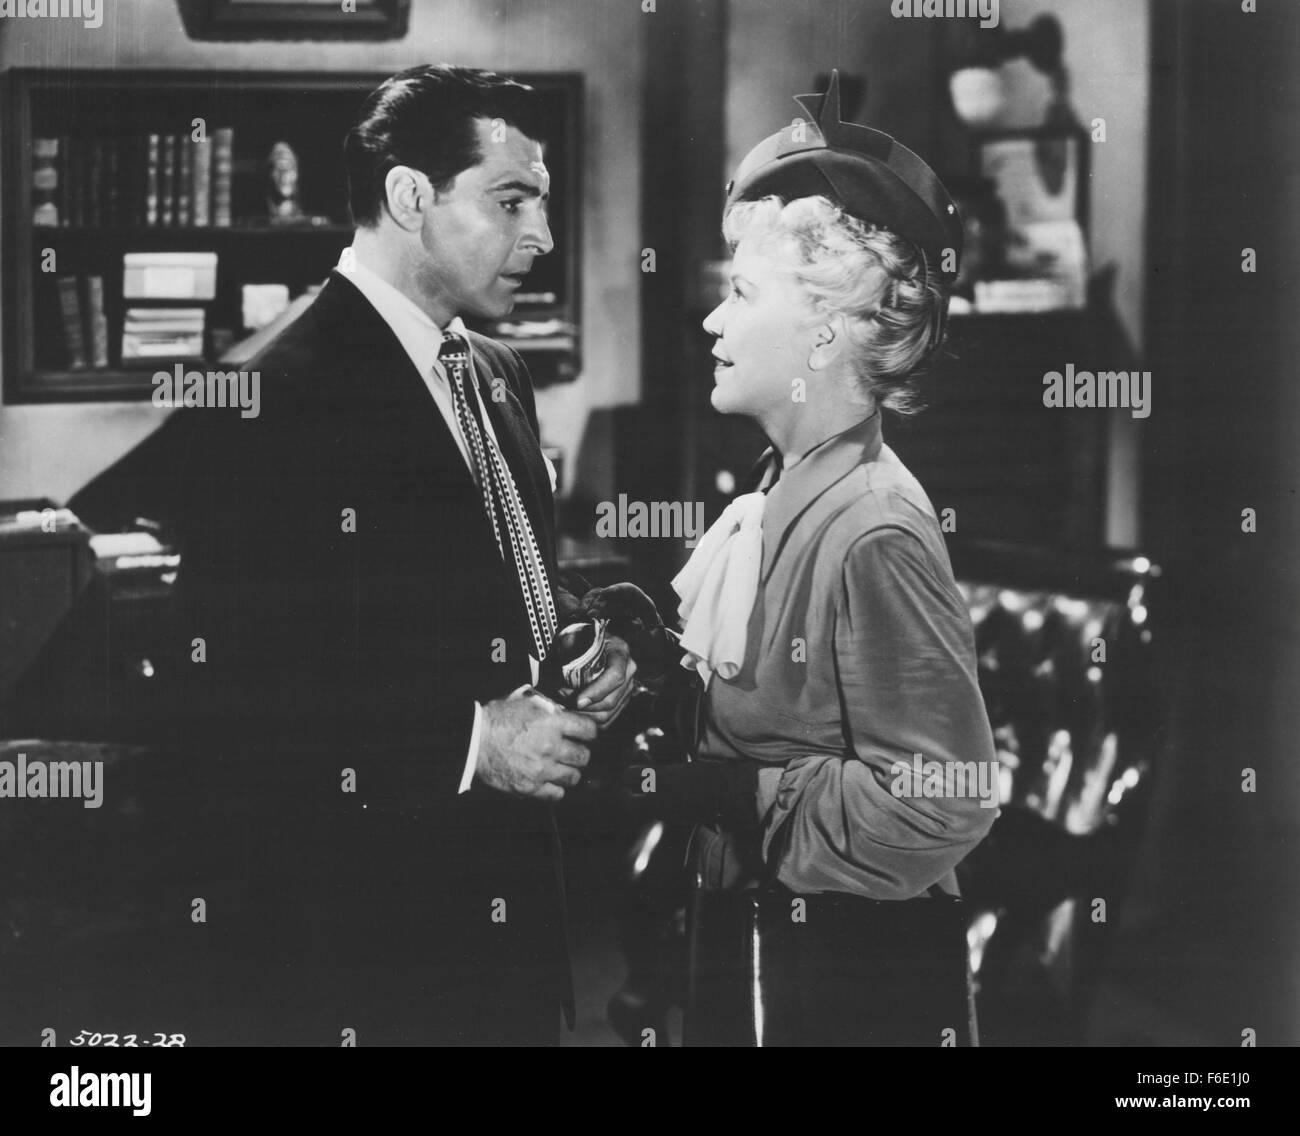 VERÖFFENTLICHT: 20. Mai 1951 - Film Originaltitel: laut Frau Hoyle. Stockbild